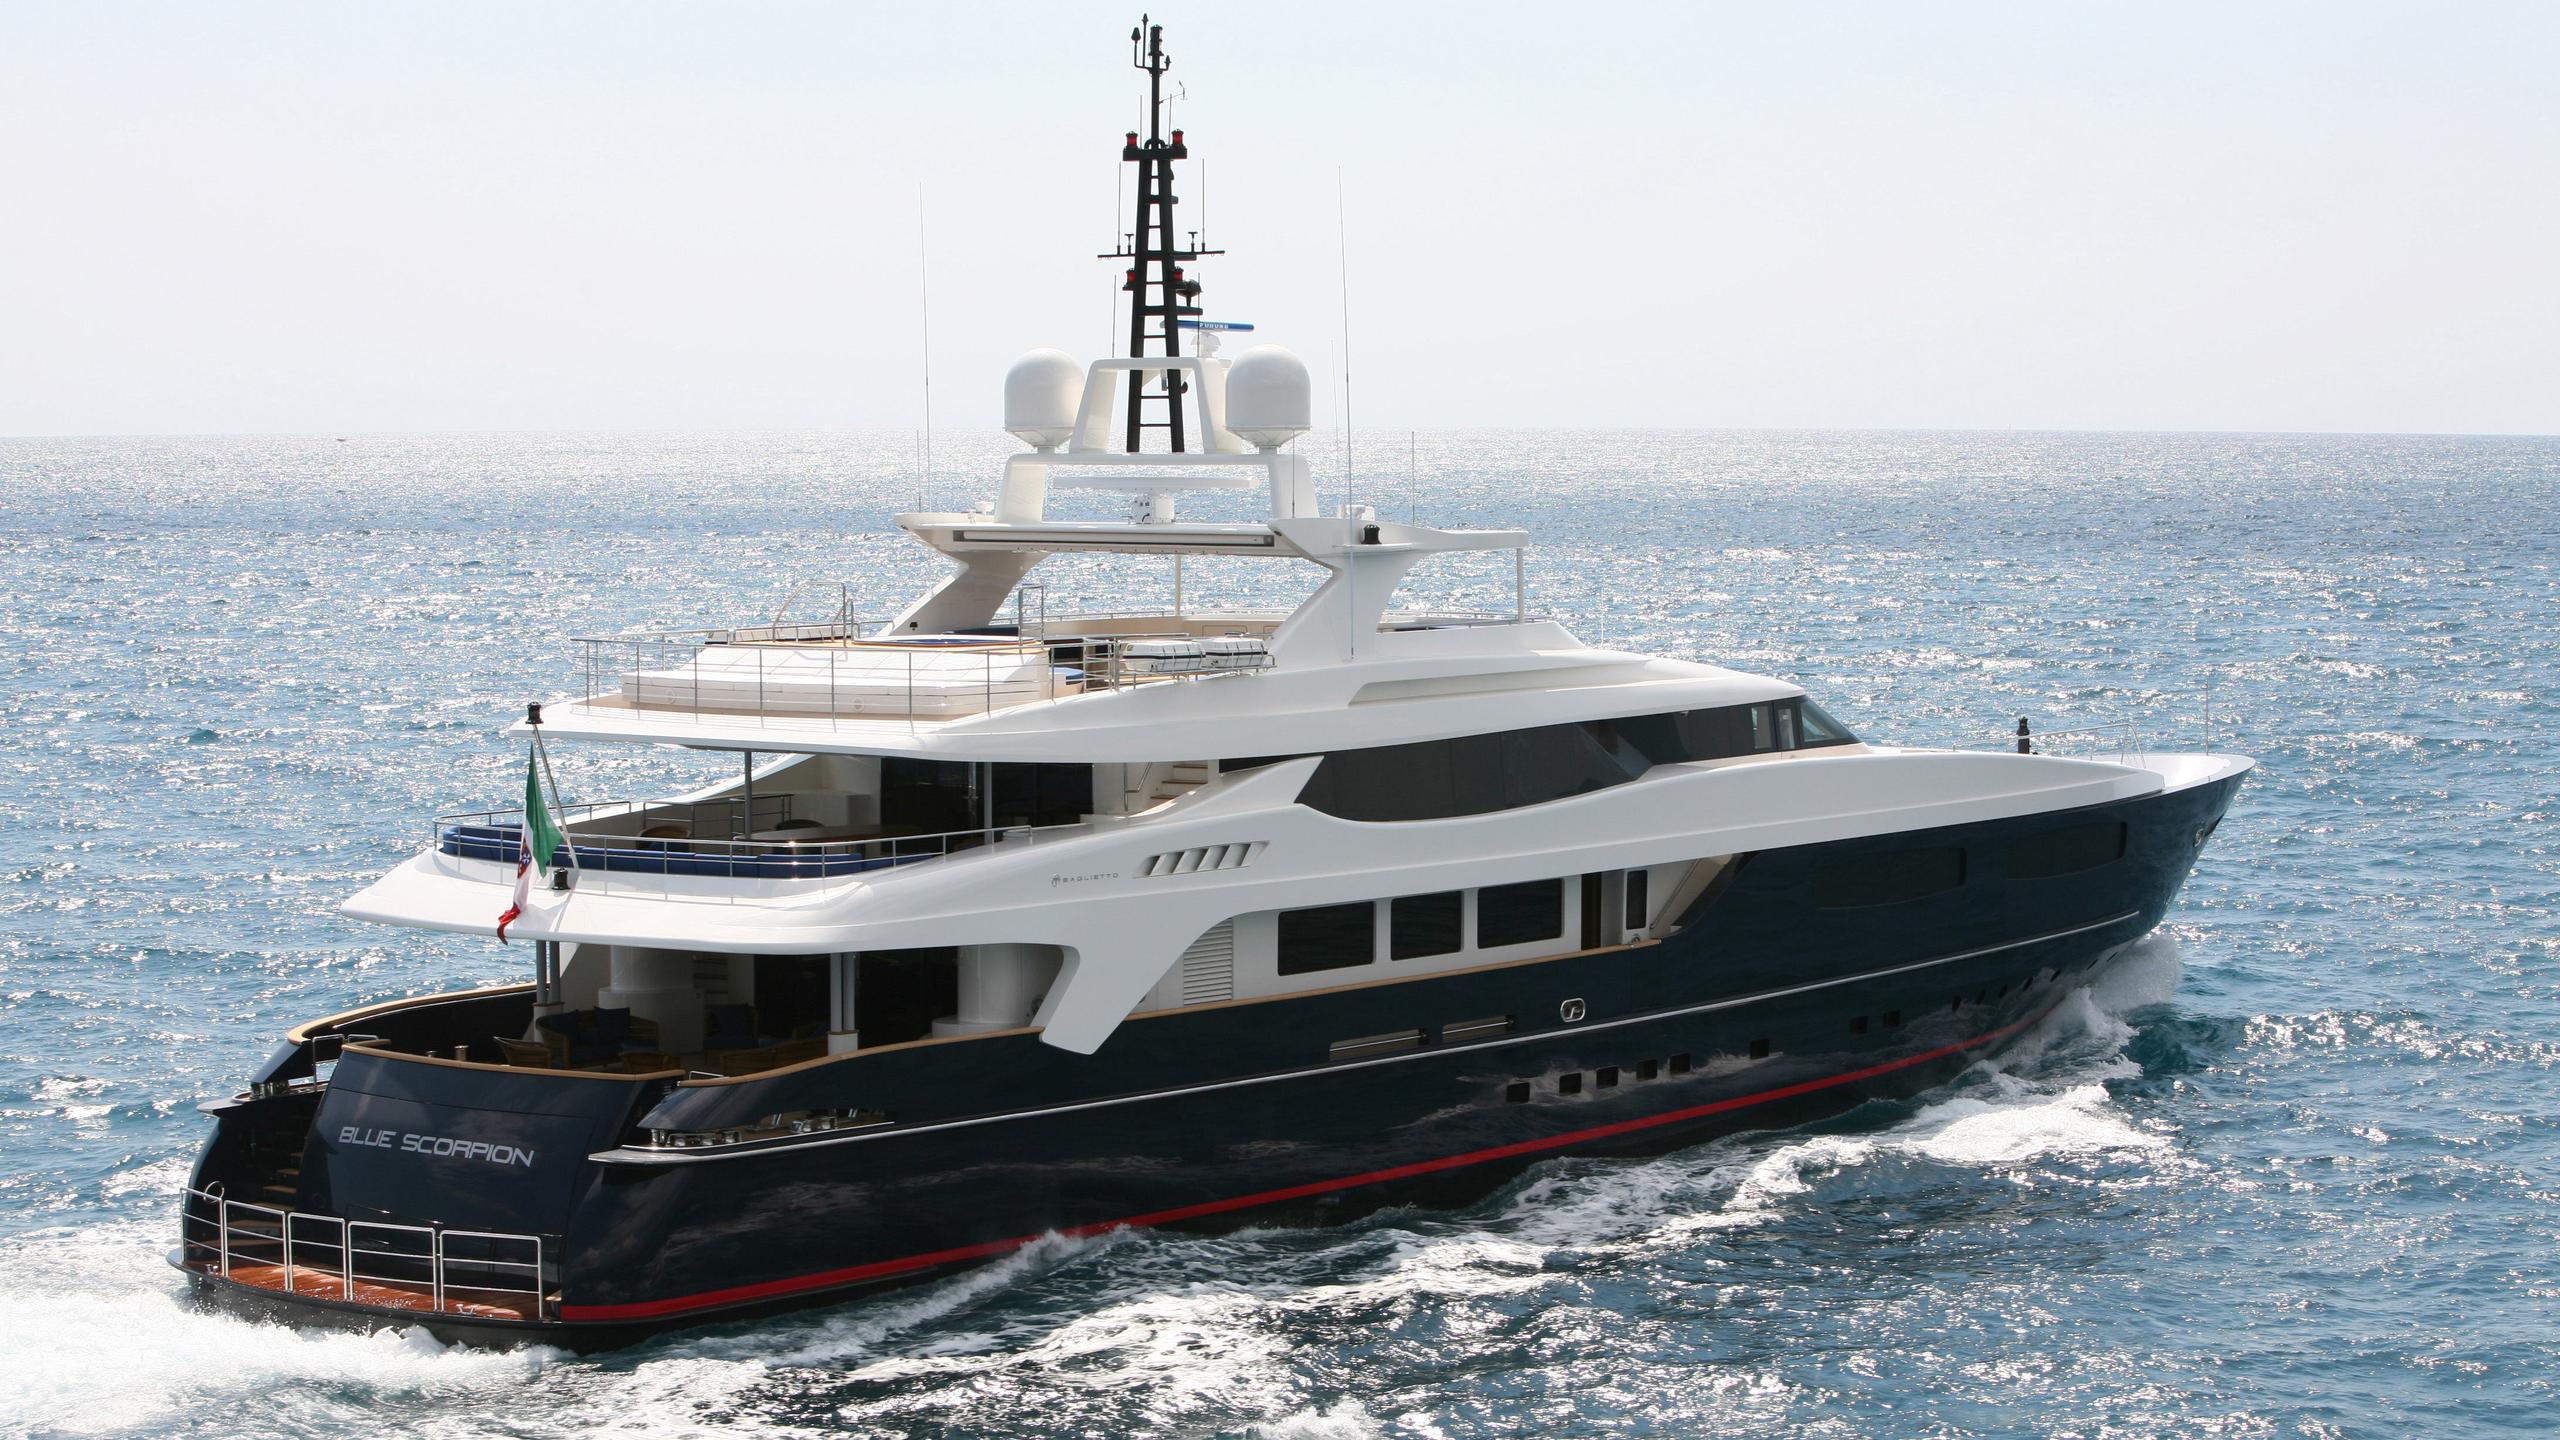 mischief-motor-yacht-baglietto-53m-2006-stern